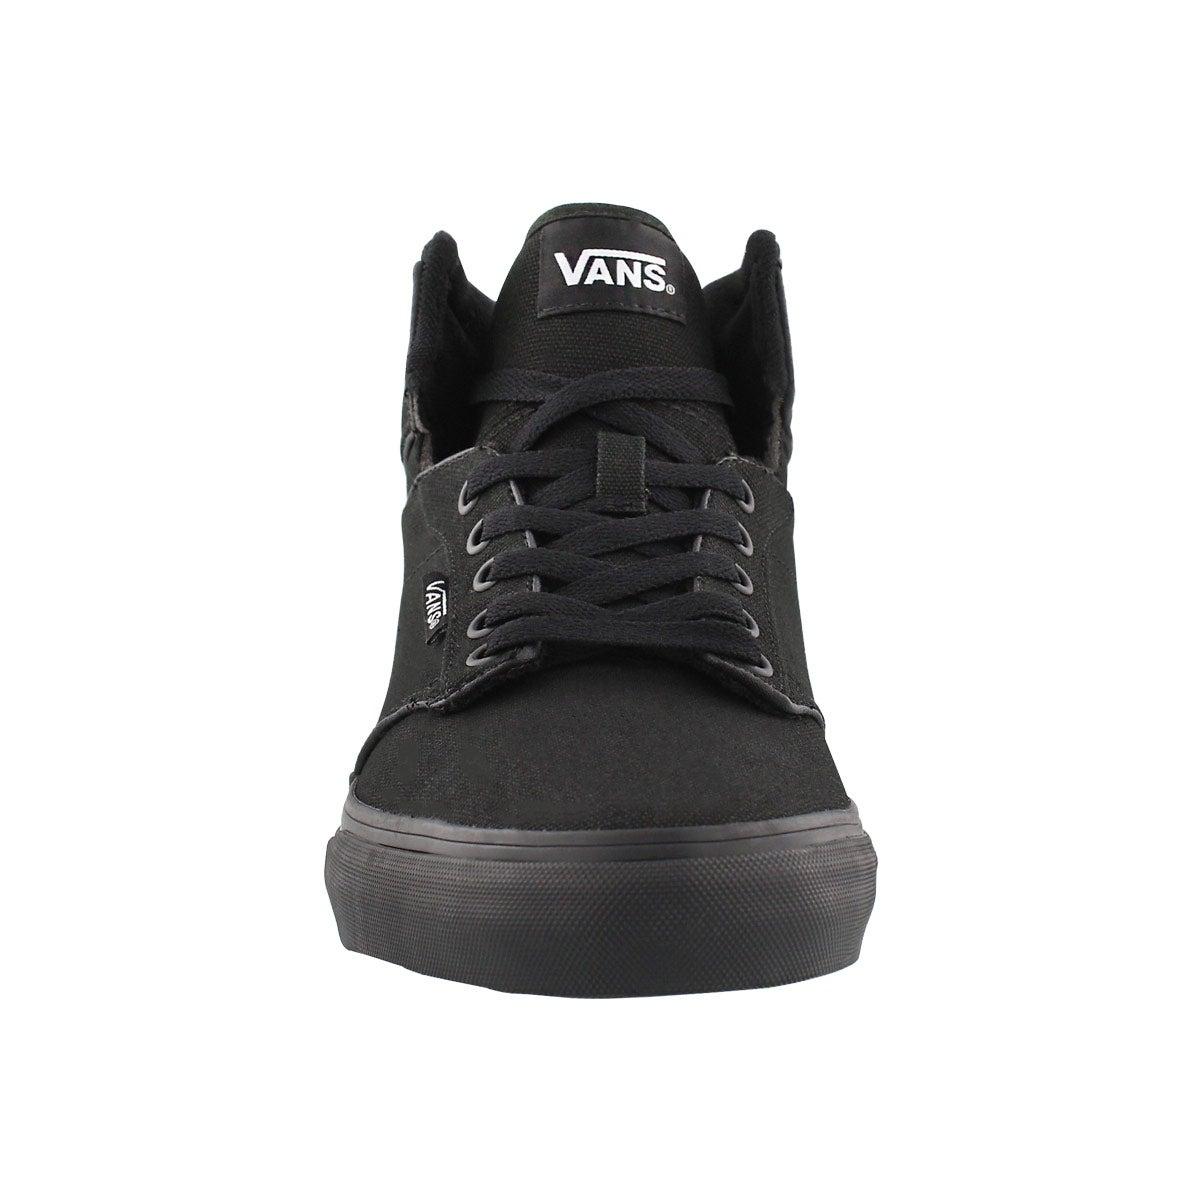 Mns Atwood Hi blk/blk sneaker